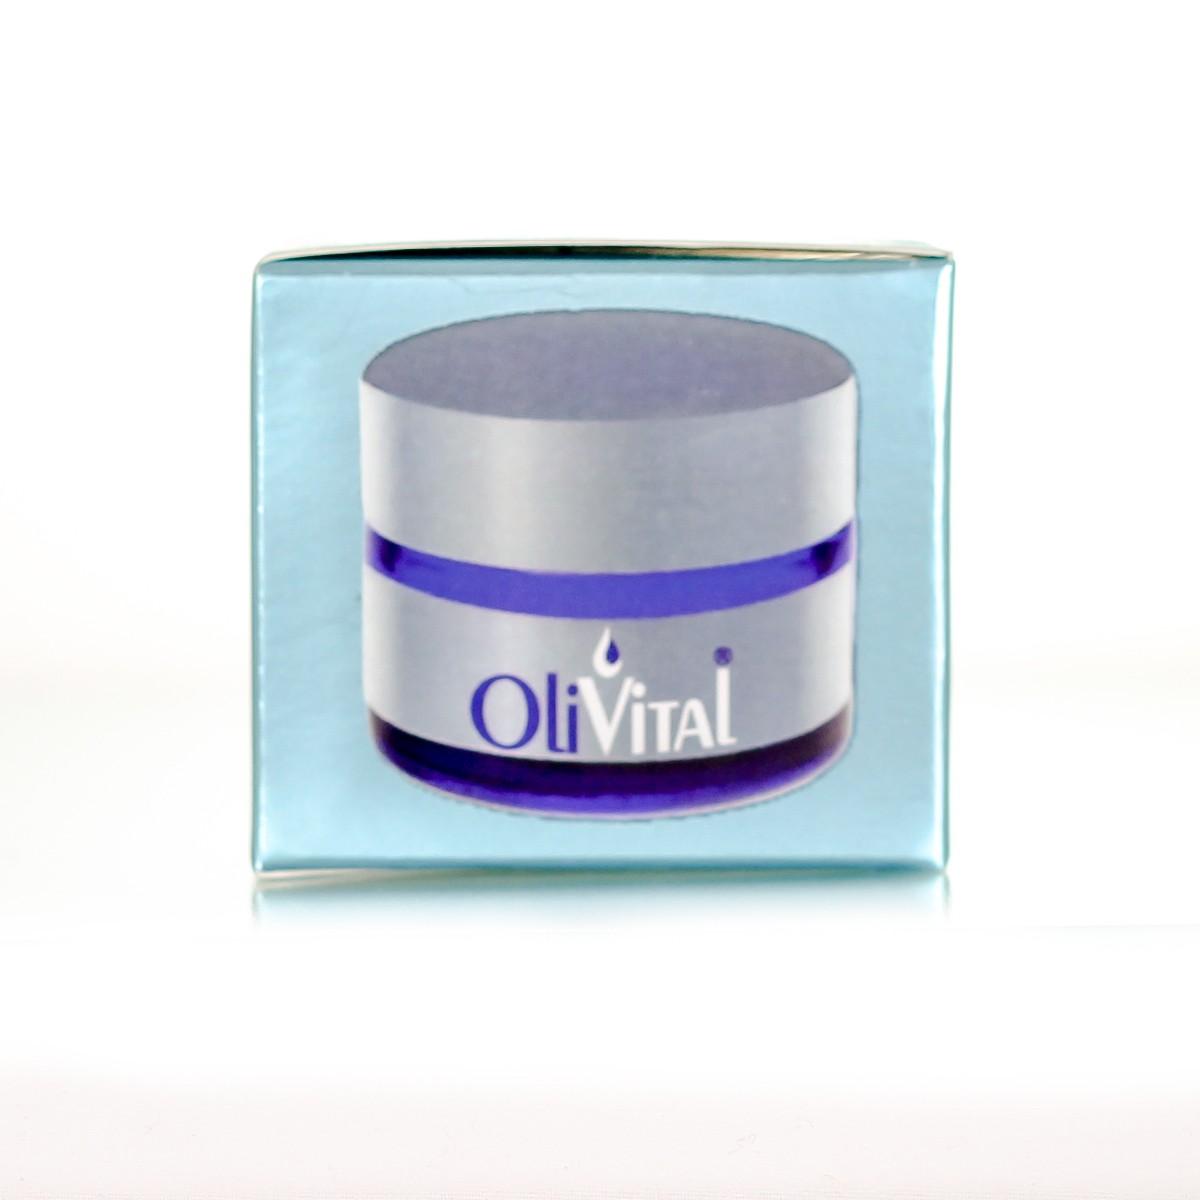 Organic cocoa butter OliVital CBN Laboratories